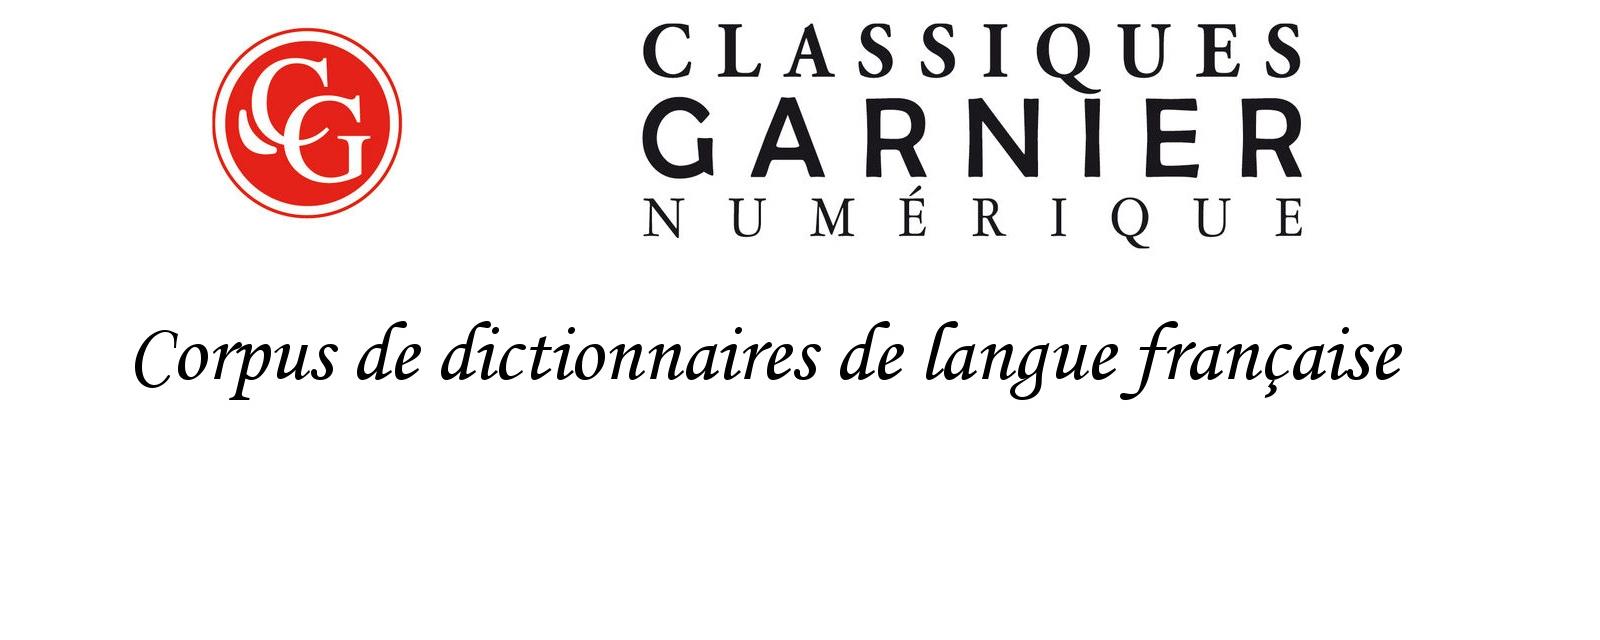 Corpus de dictionnaires de langue française